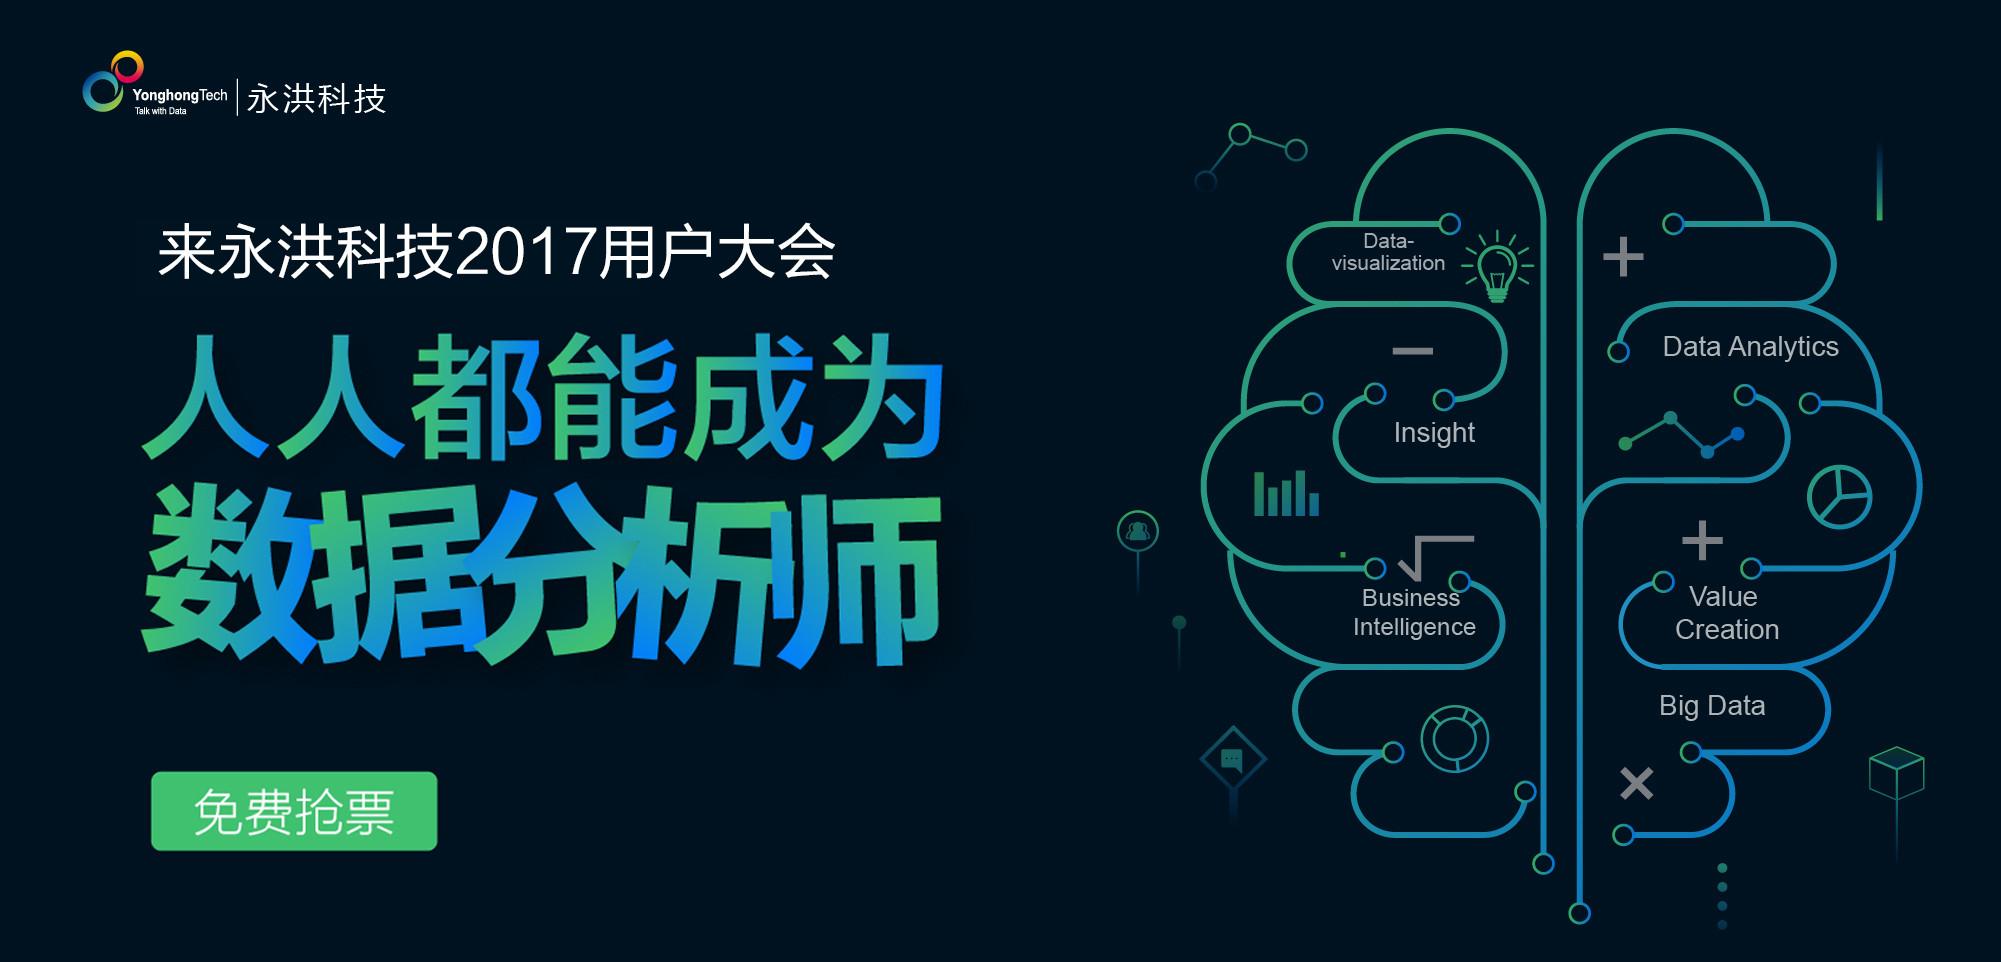 智慧运营·数造未来--2017永洪科技北京大数据峰会